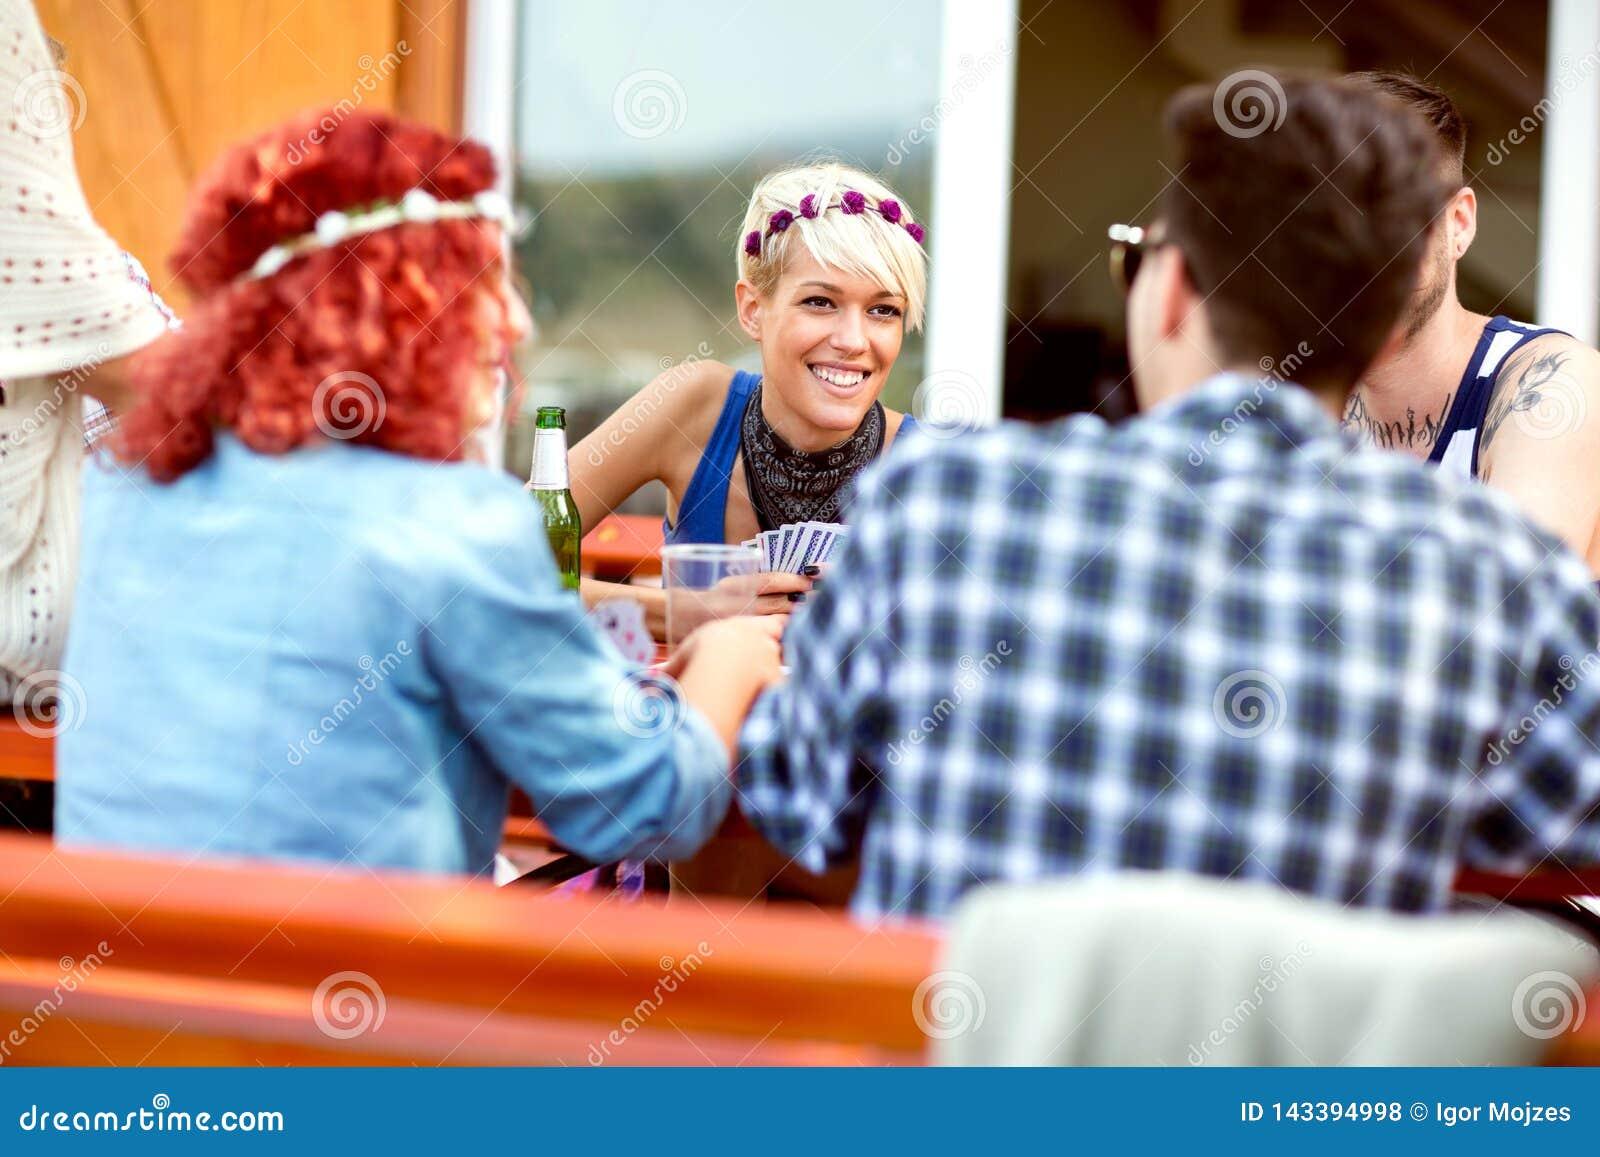 Pojkar och flickor har gyckel medan spela kort i den utomhus- restaurangen